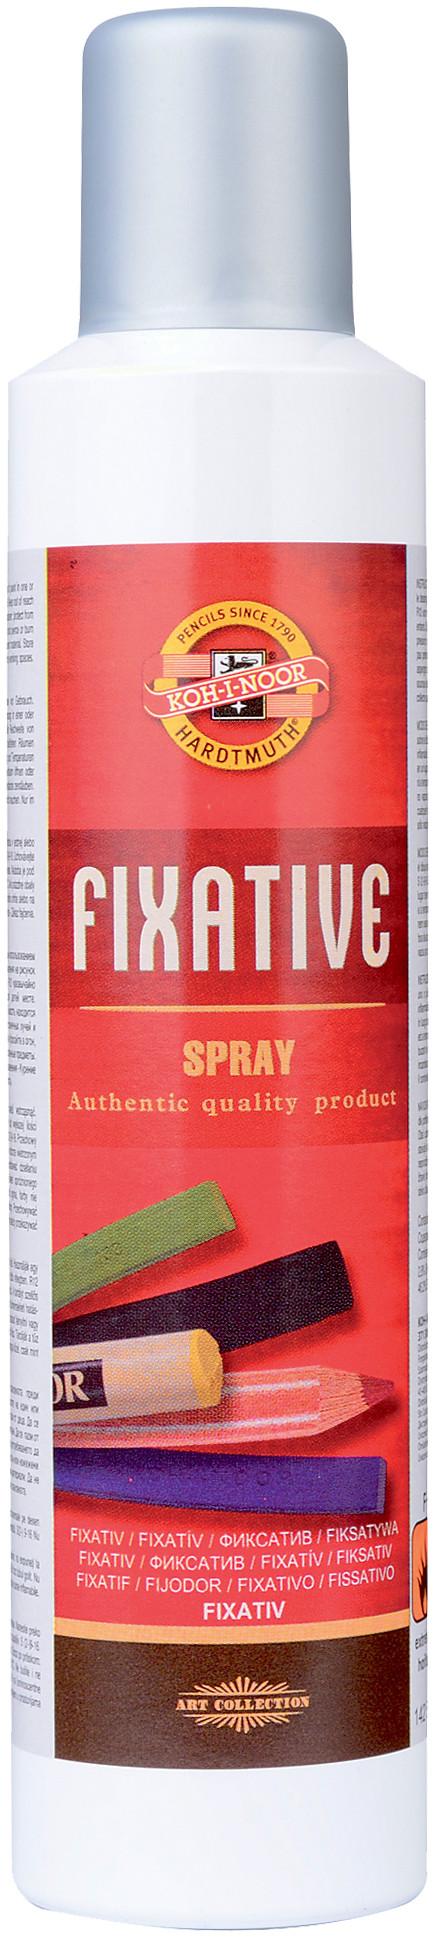 Koh-I-Noor Fixative Spray UV Filter - 300ml